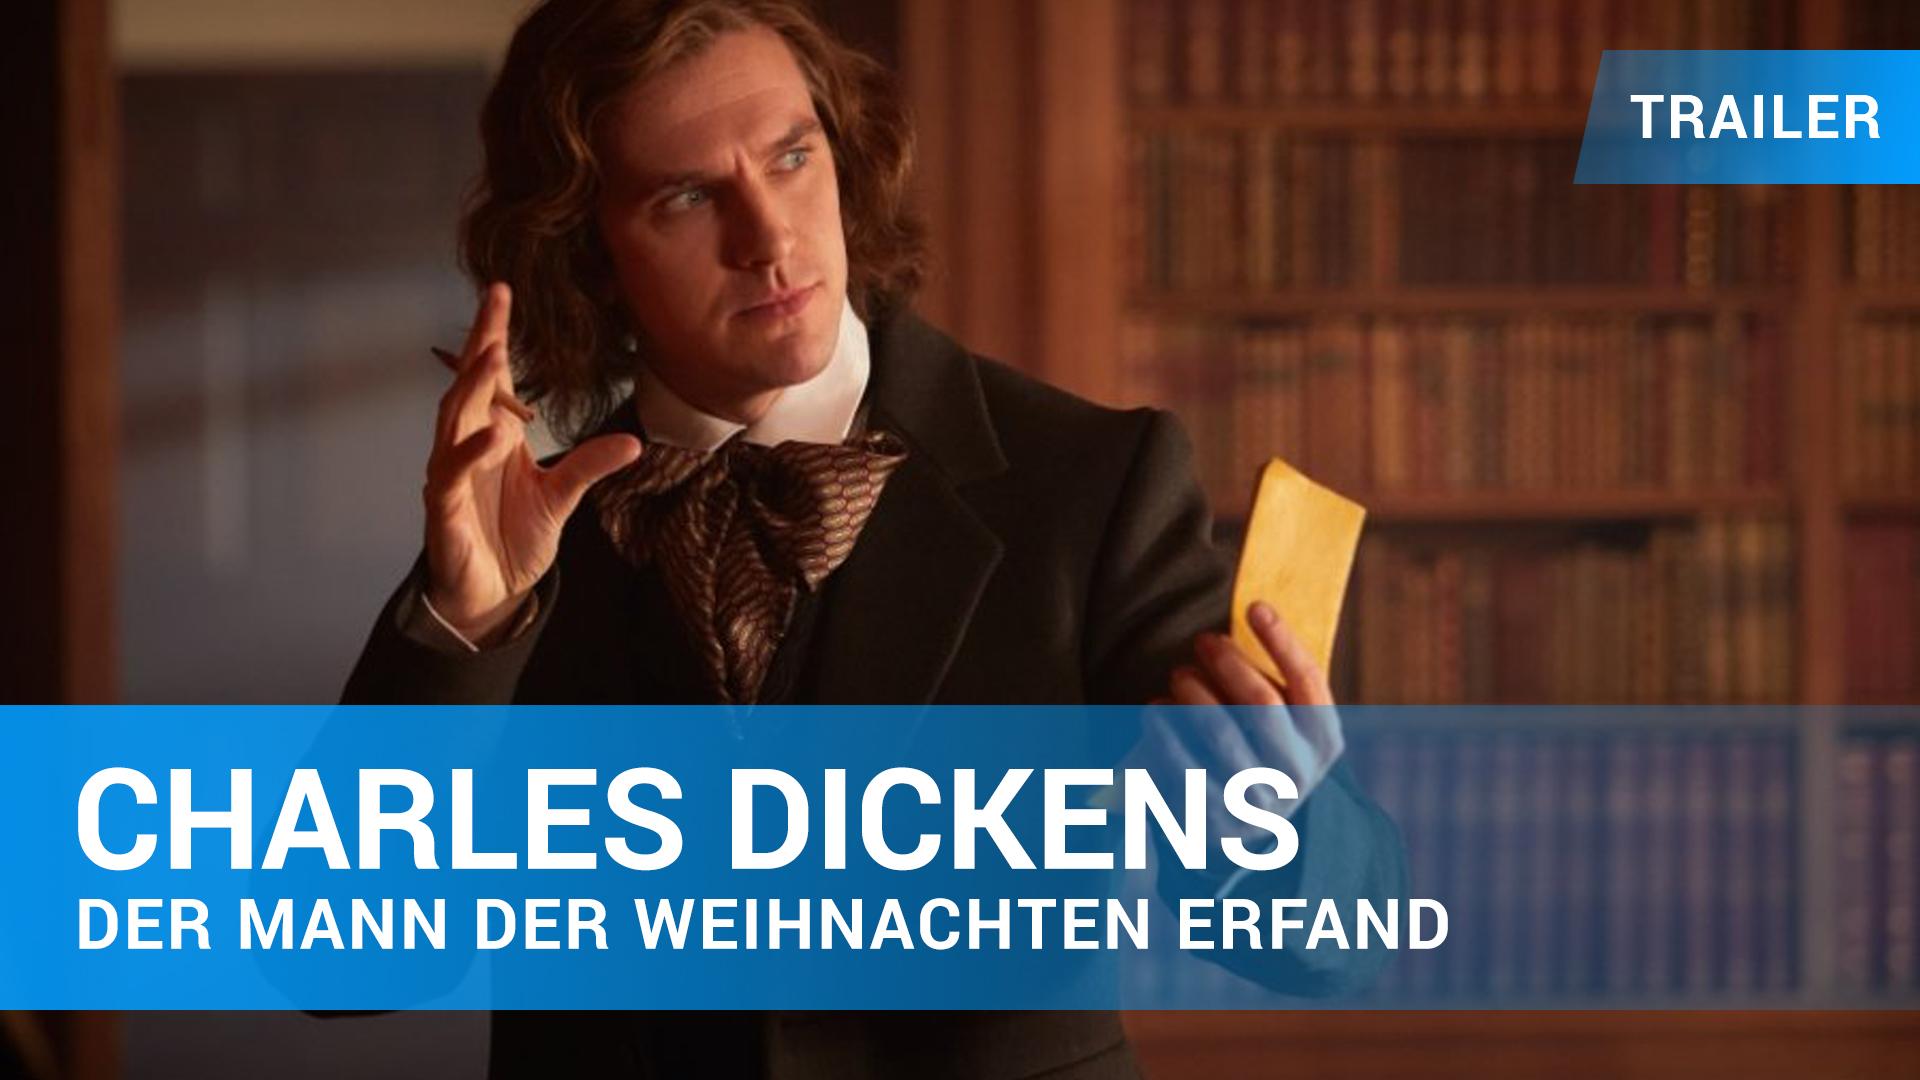 Der Weihnachten.Charles Dickens Der Mann Der Weihnachten Erfand Trailer Deutsch